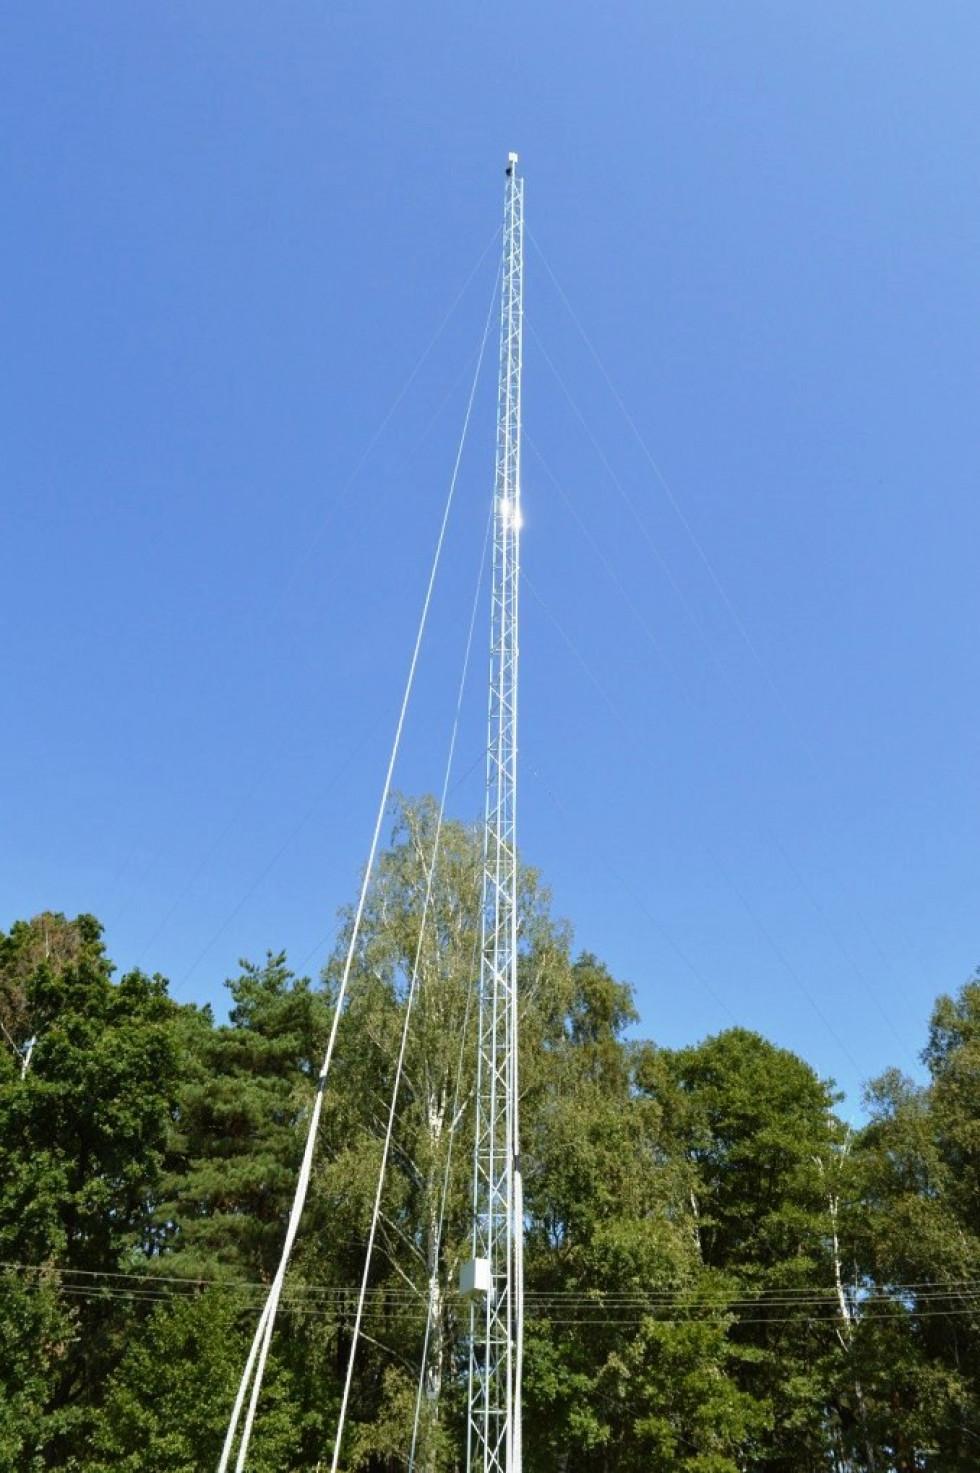 У Мощаницькому лісництві на понад 40-метровій вишці встановили відеокамеру, що безперервно повертається по всьому периметру.